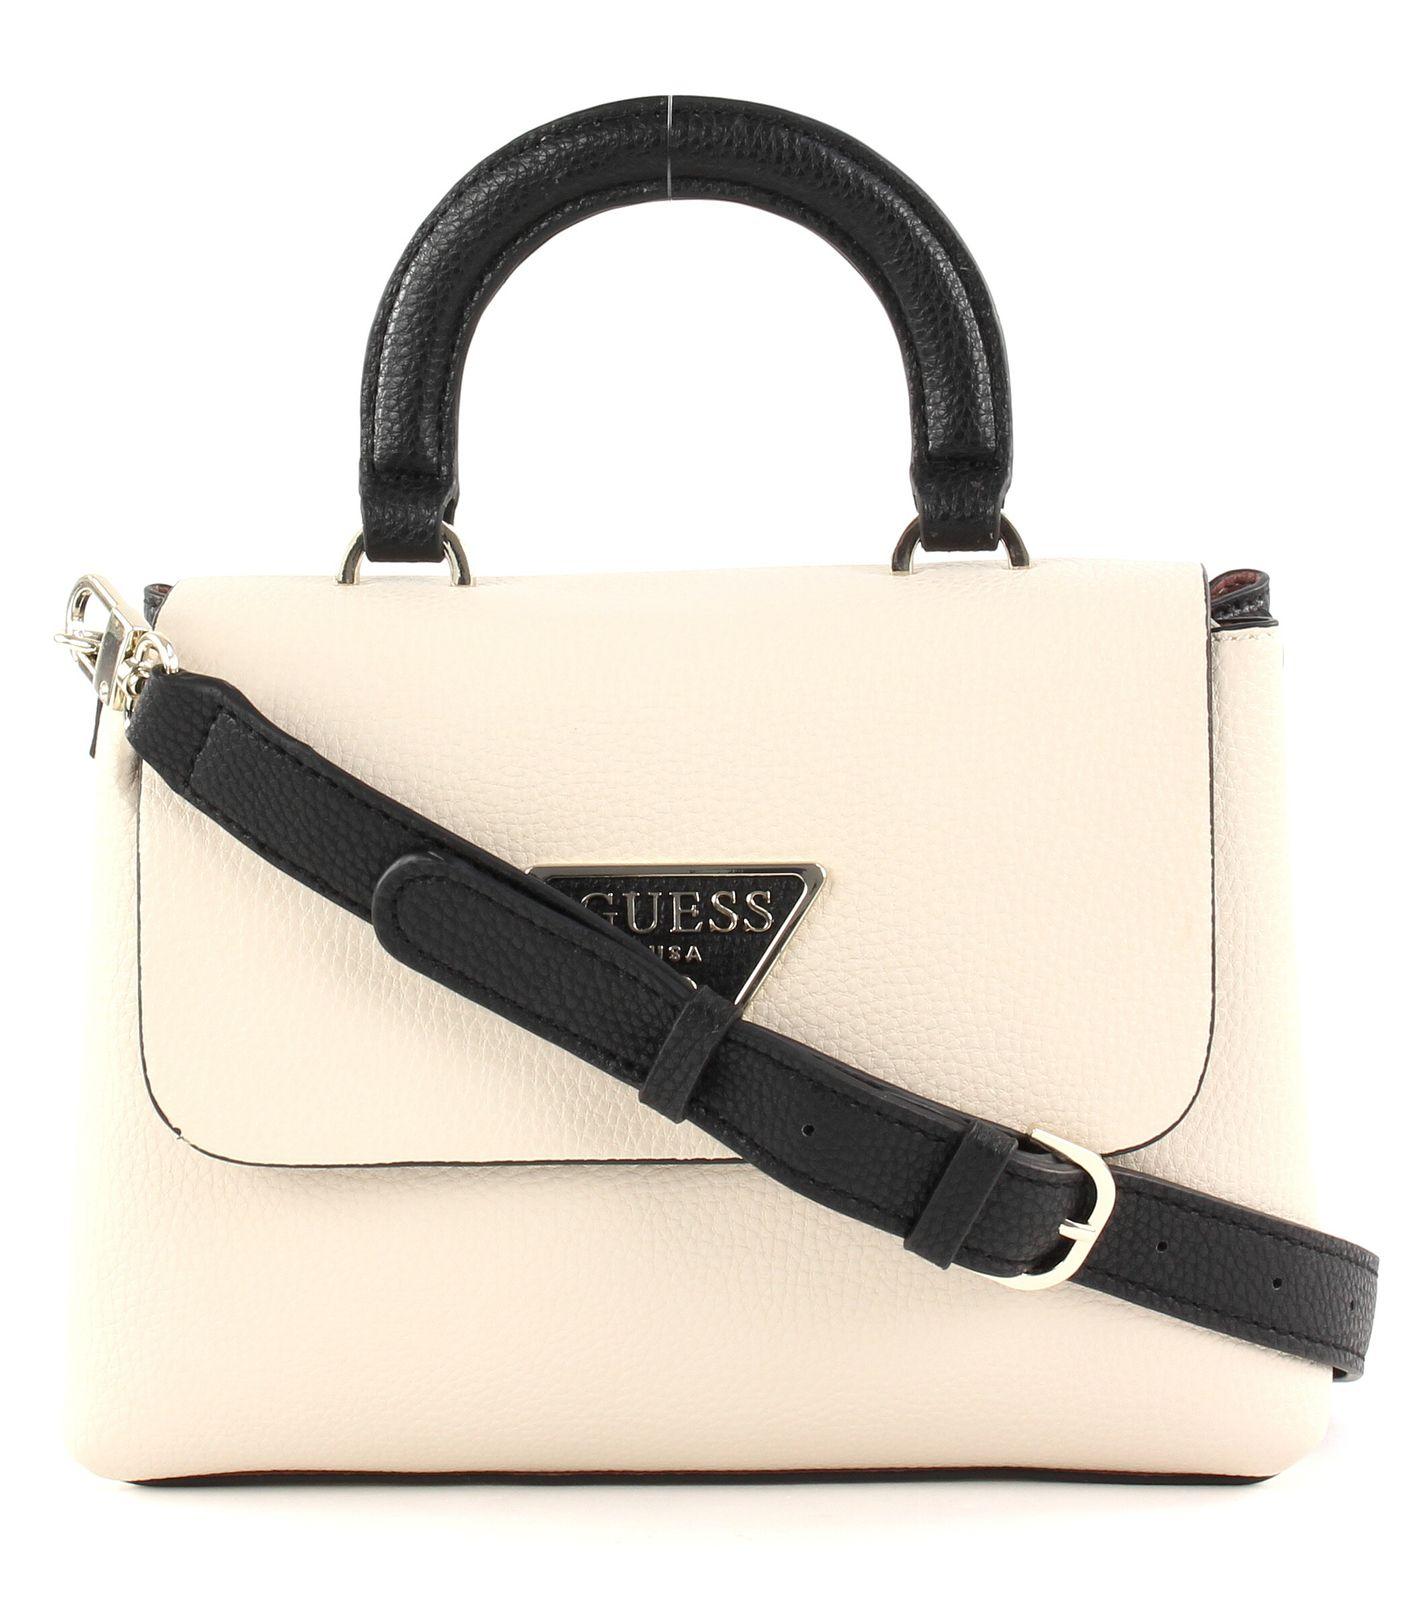 Details about GUESS Aretha Top Handle Flap Handbag Bag Stone Multi Beige Black show original title